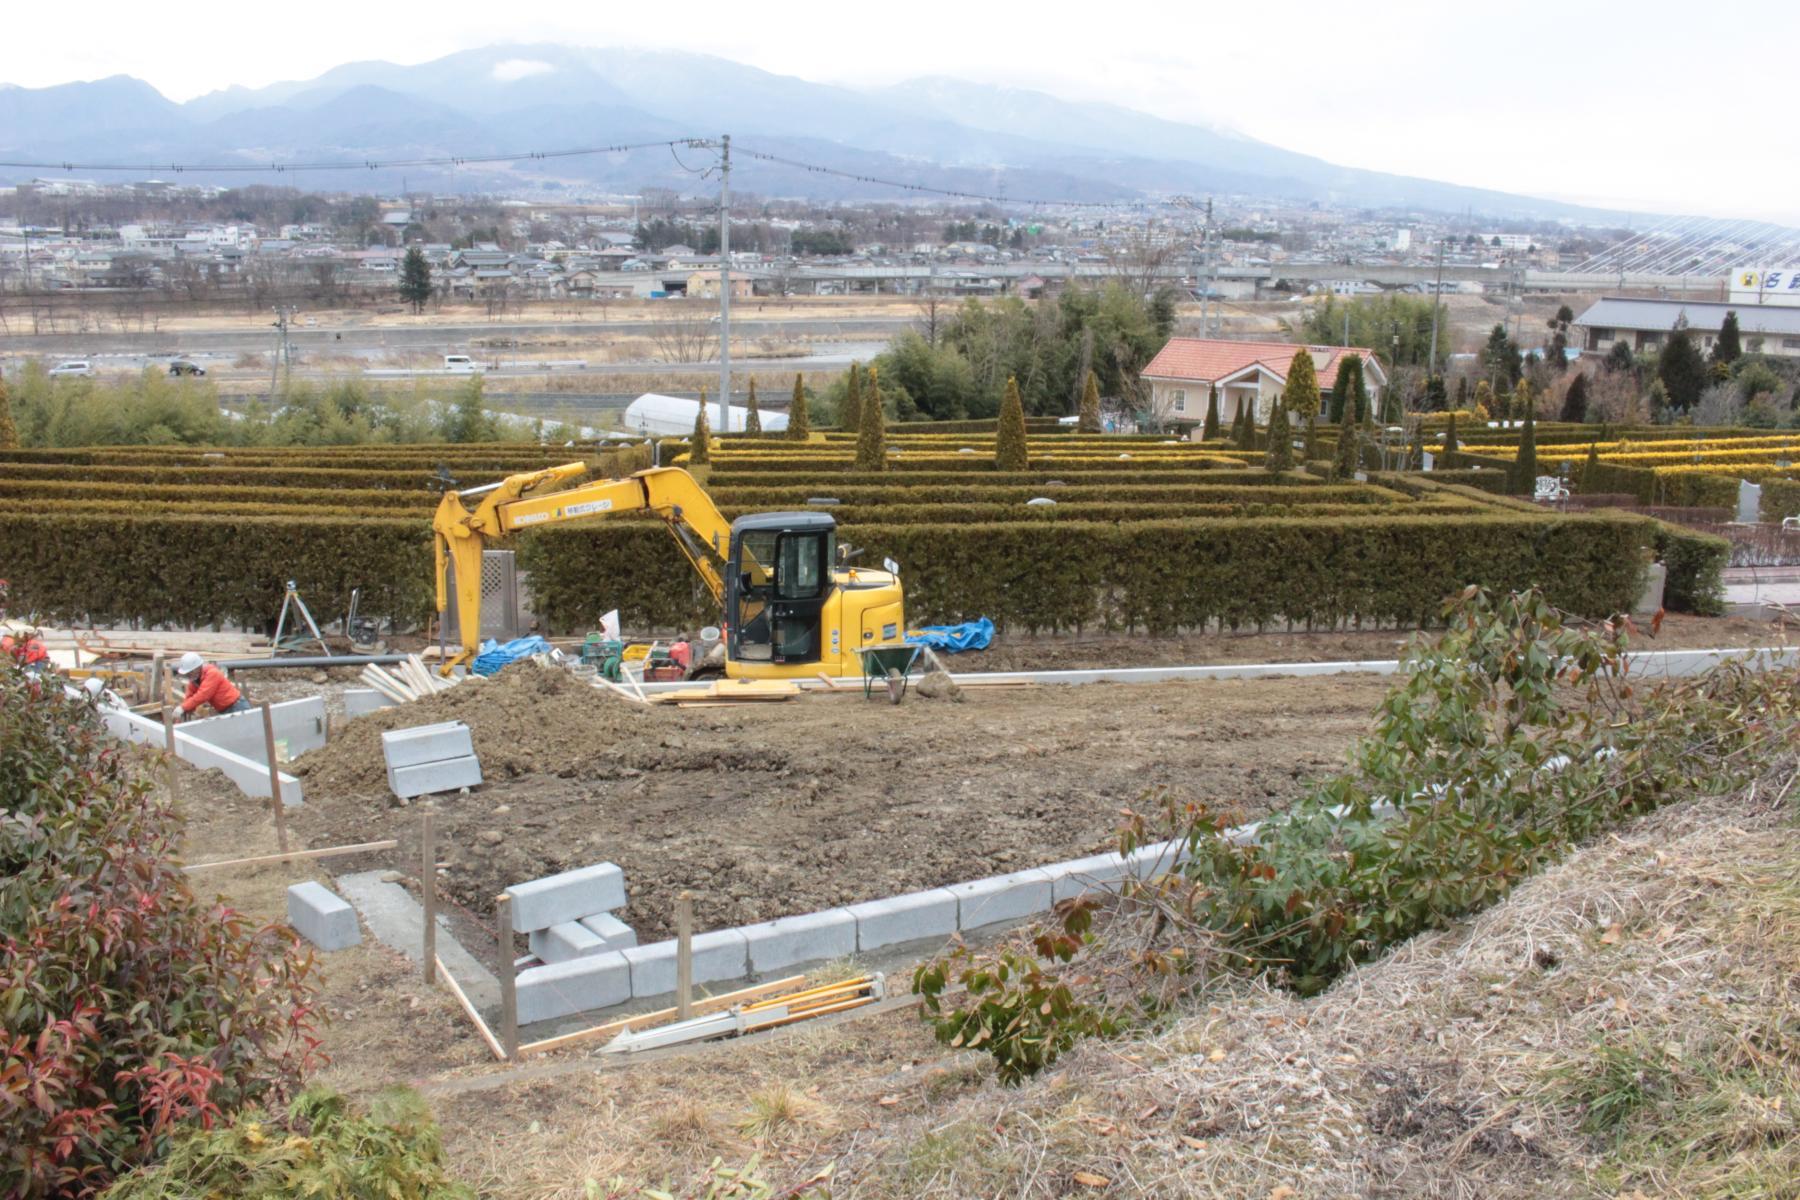 樹木墓(樹木葬)と永代供養墓区画工事の現場レポート